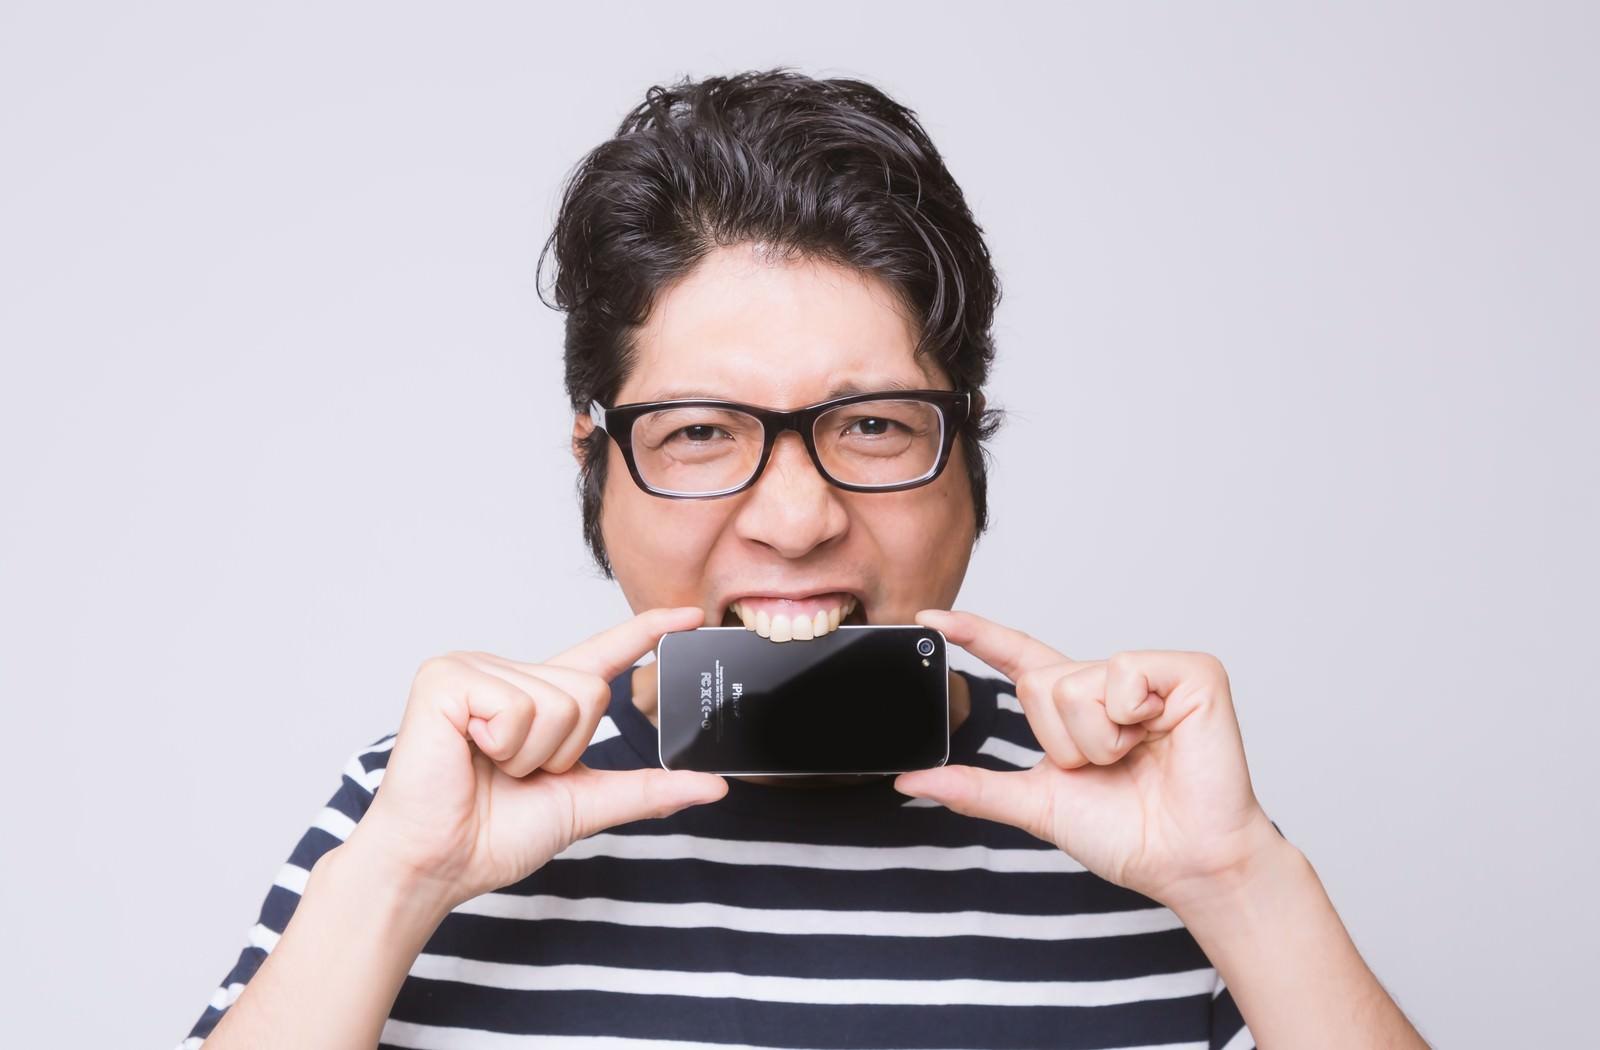 「ストレスからスマートフォンを齧るアプリ開発者」の写真[モデル:紳さん]